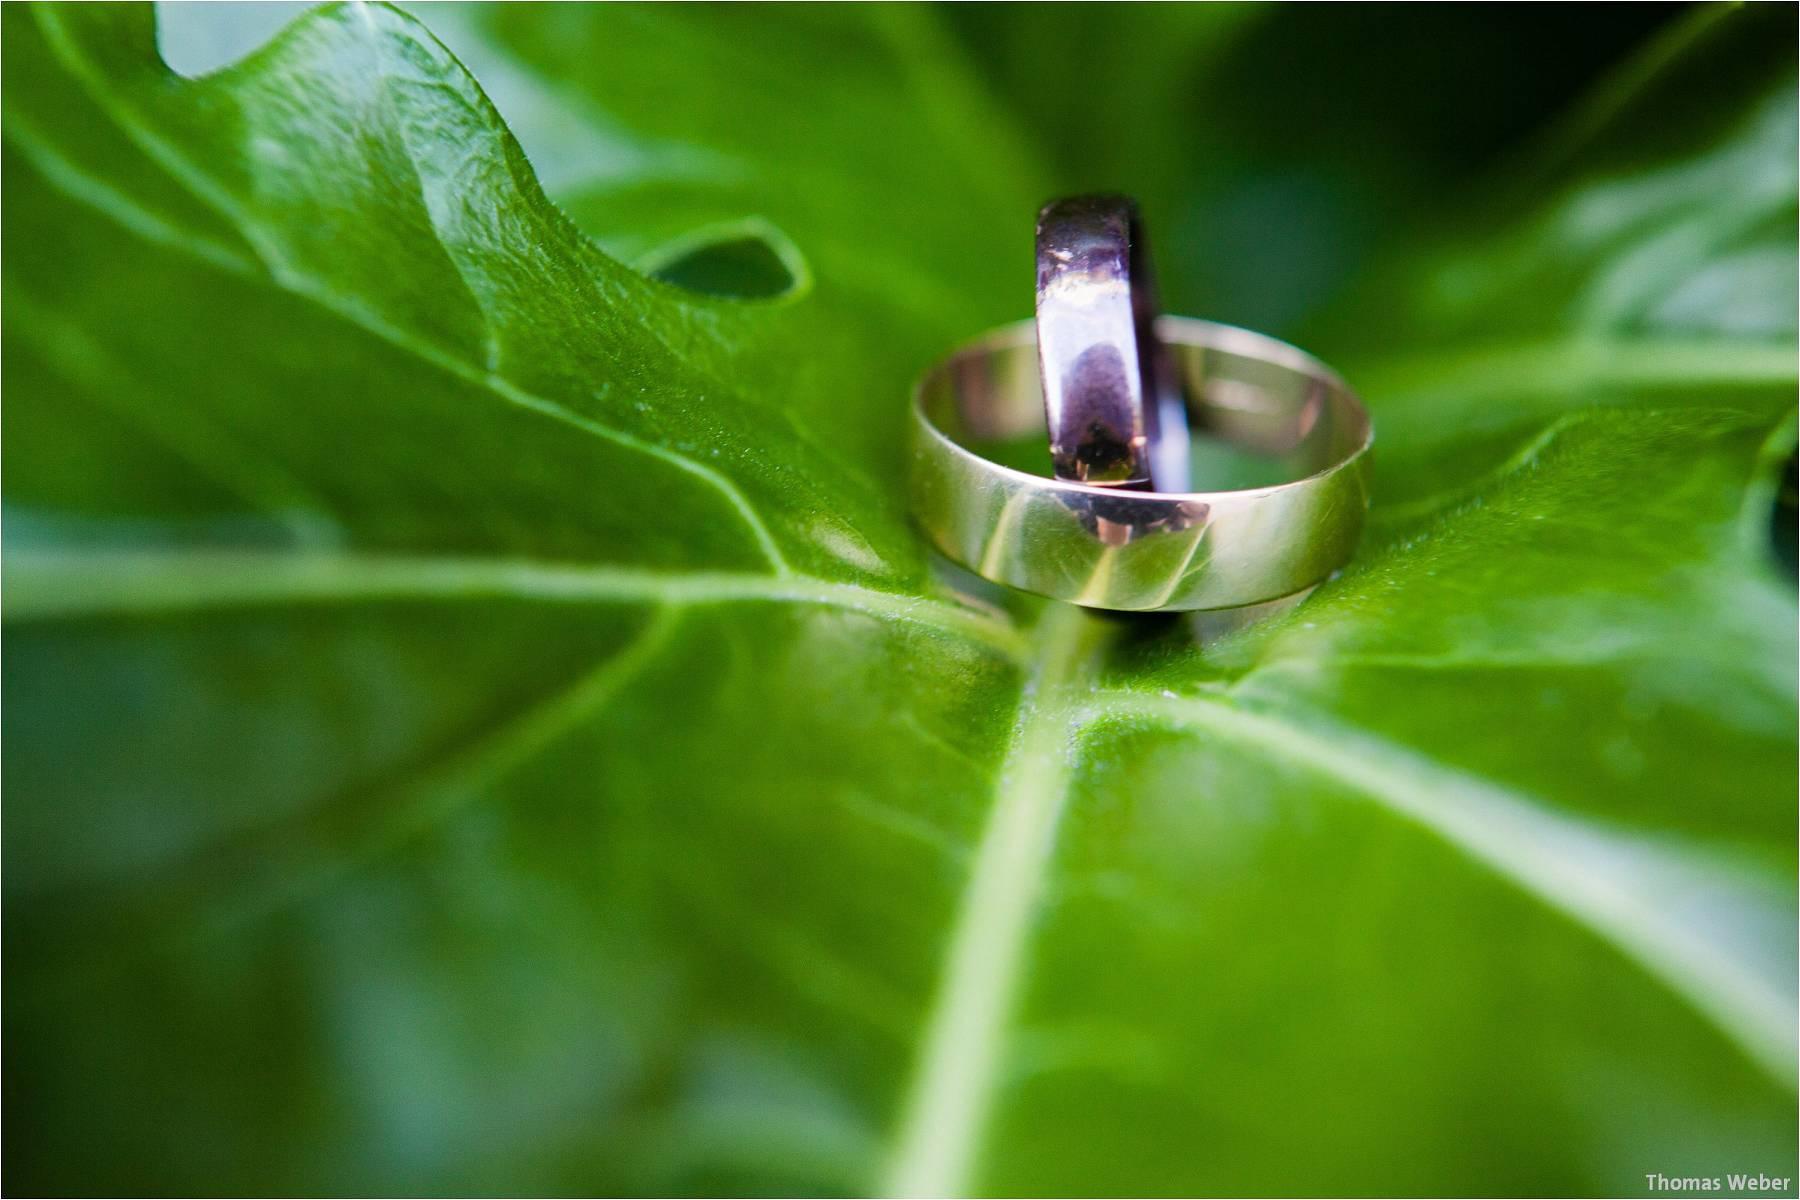 Hochzeitsfotograf Adare (Irland): Irische Hochzeit auf der grünen Insel (14)